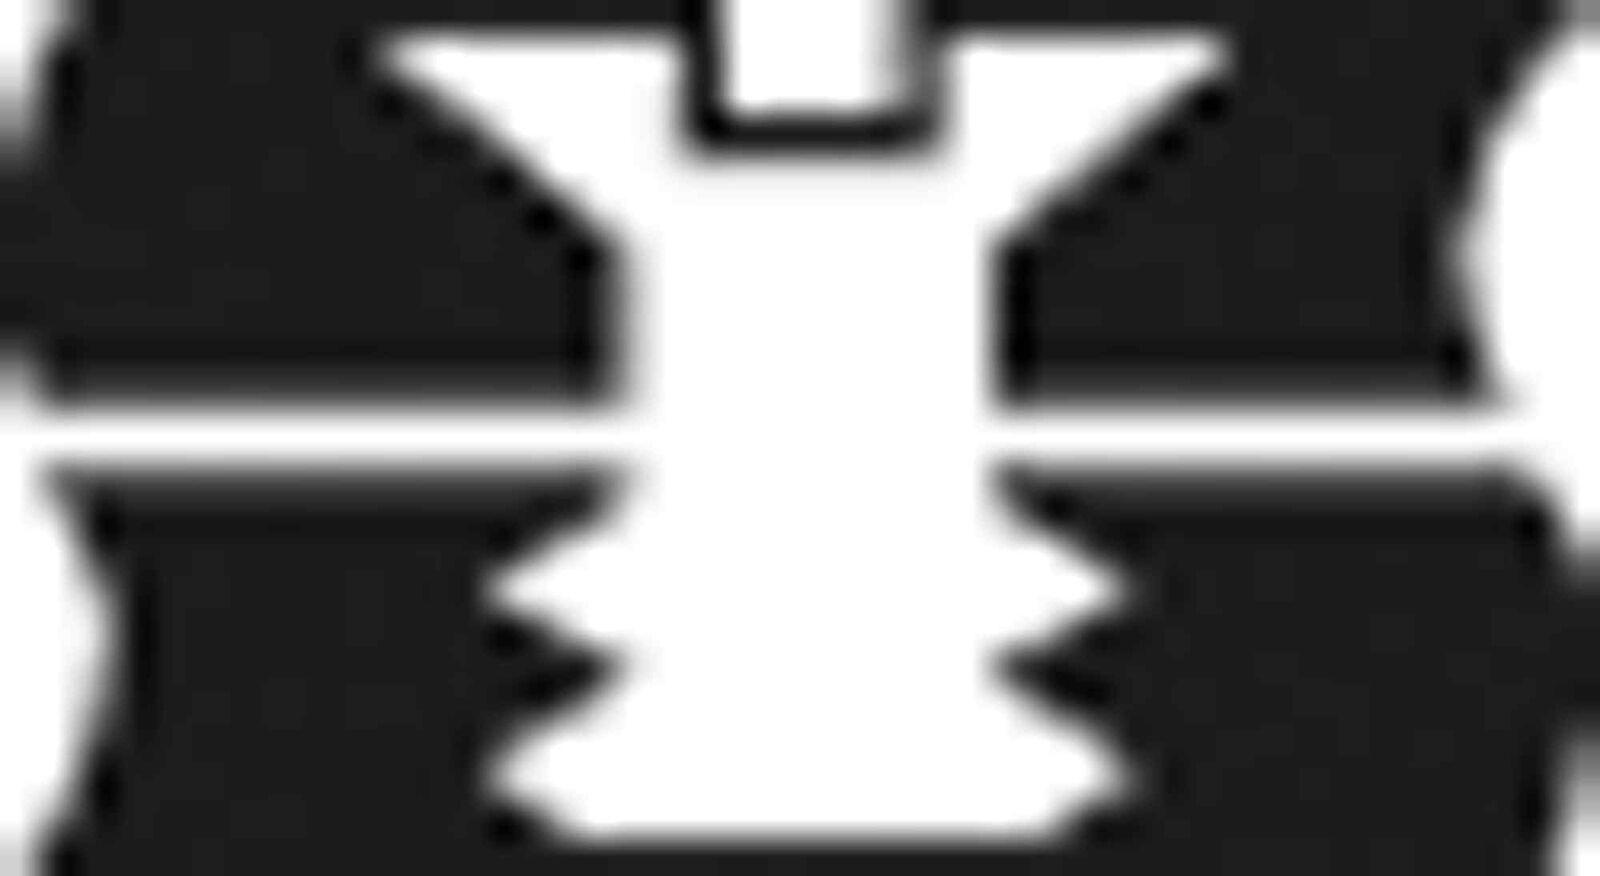 Knipex Präzisions Seitenschneider 125mm Nr.7902 - 79 02 125 | | | ein guter Ruf in der Welt  | Online Outlet Store  | Tragen-wider  | Clever und praktisch  e1b498